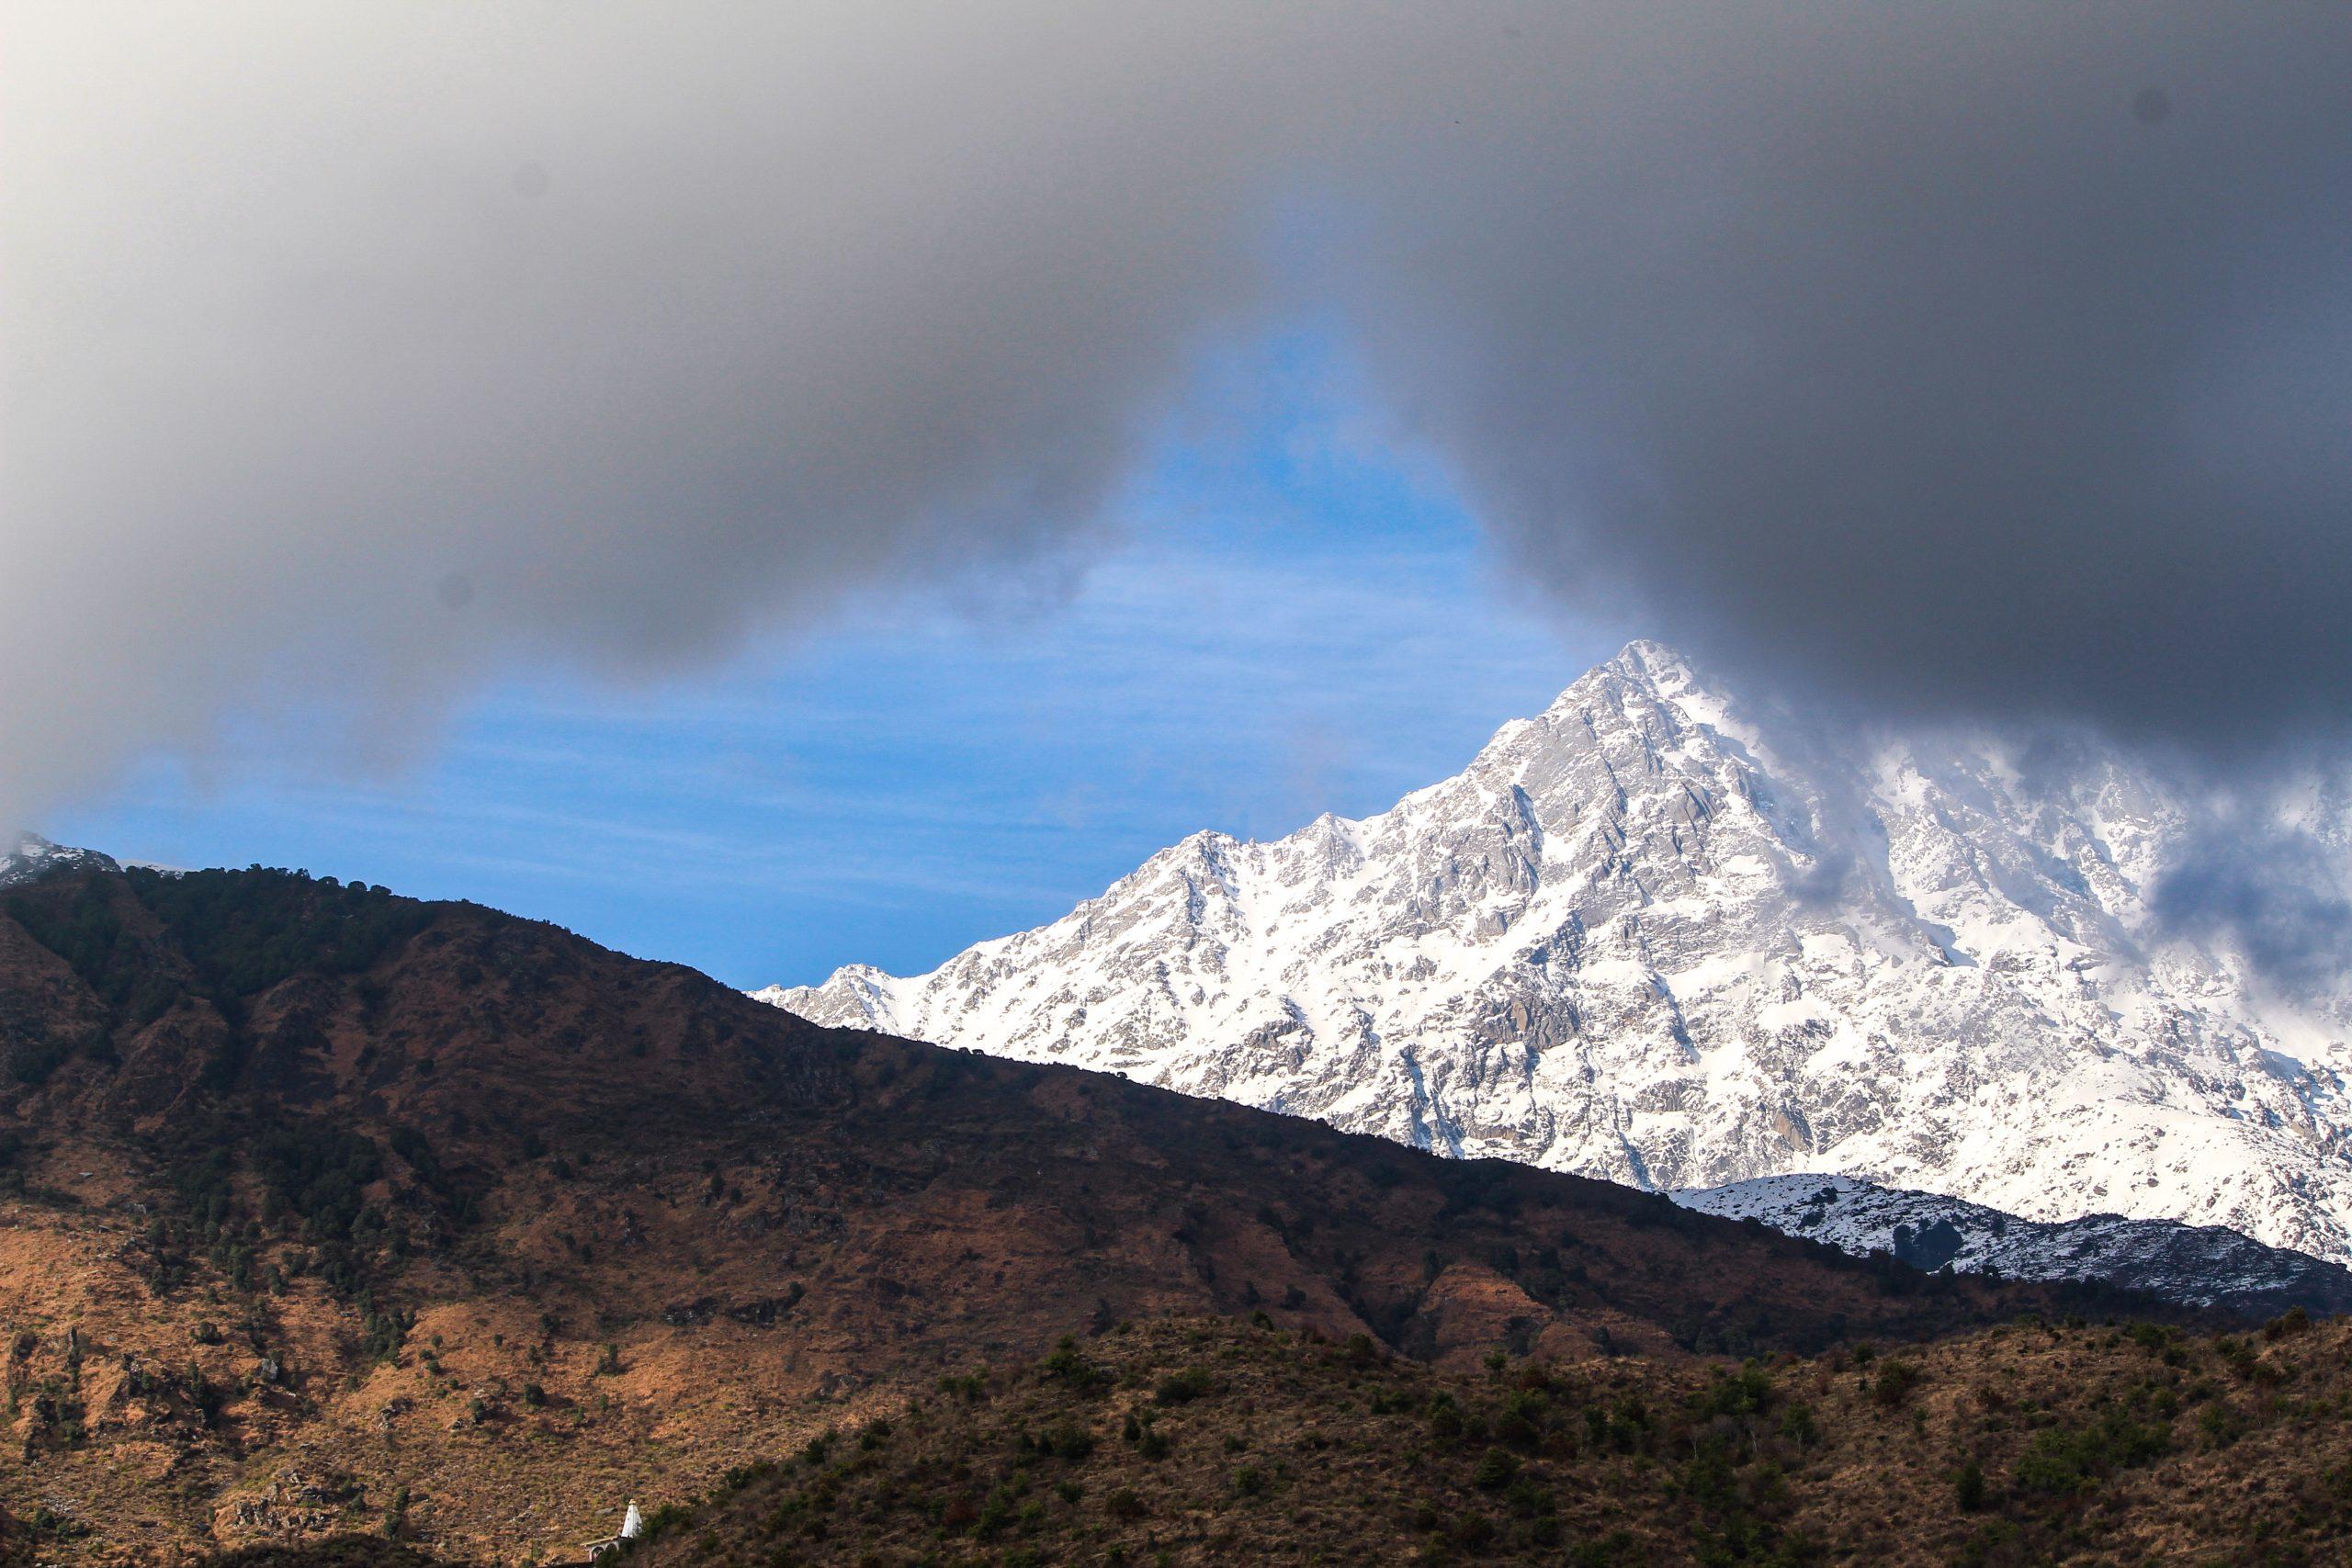 Snowy clouds landscape